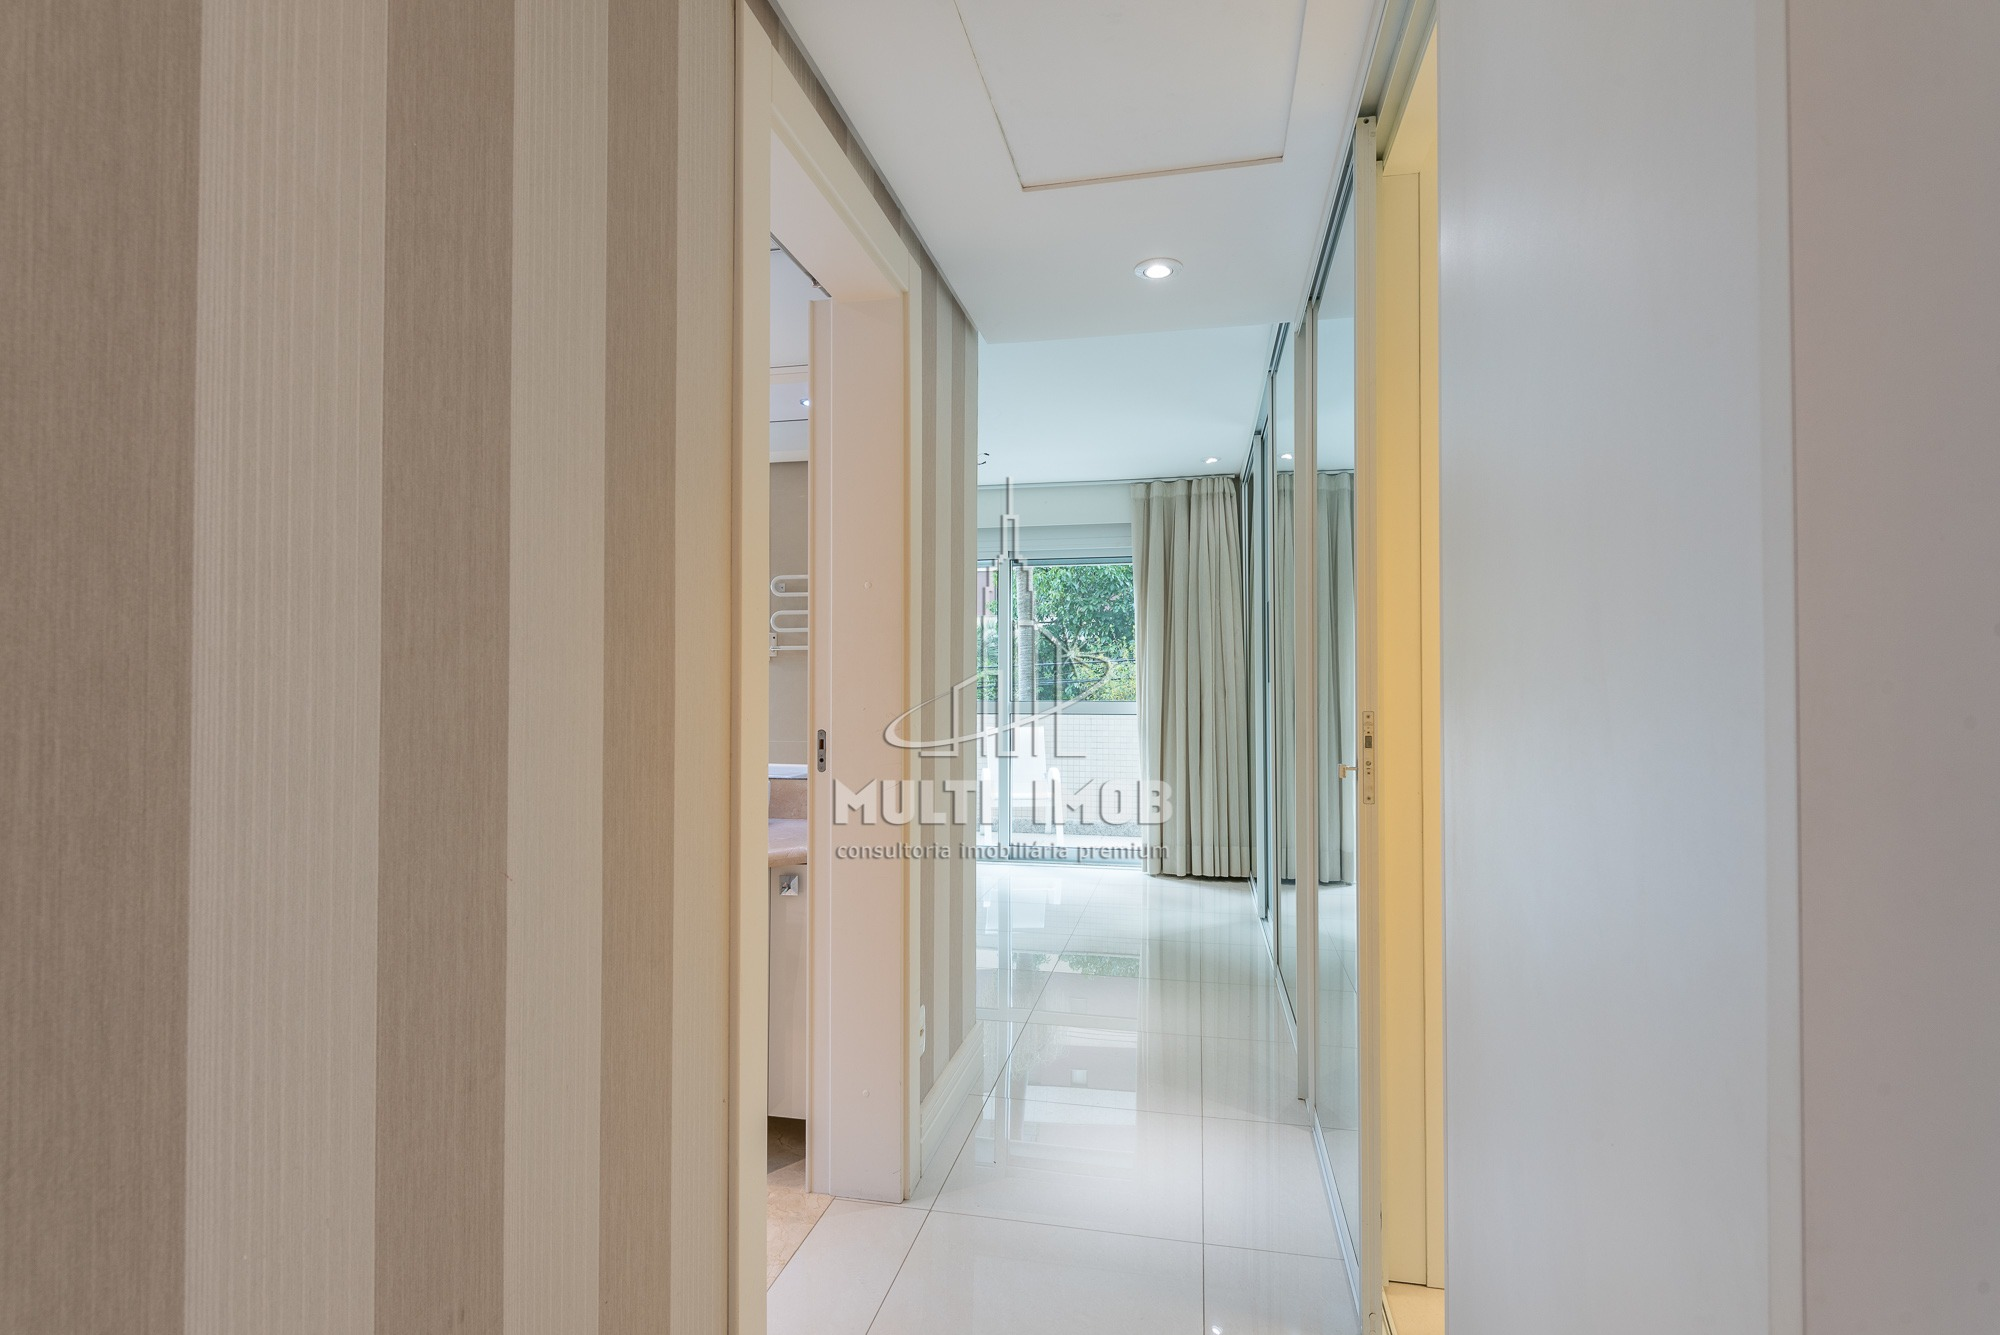 Apartamento Garden  4 Dormitórios  3 Suítes  4 Vagas de Garagem Venda Bairro Bela Vista em Porto Alegre RS